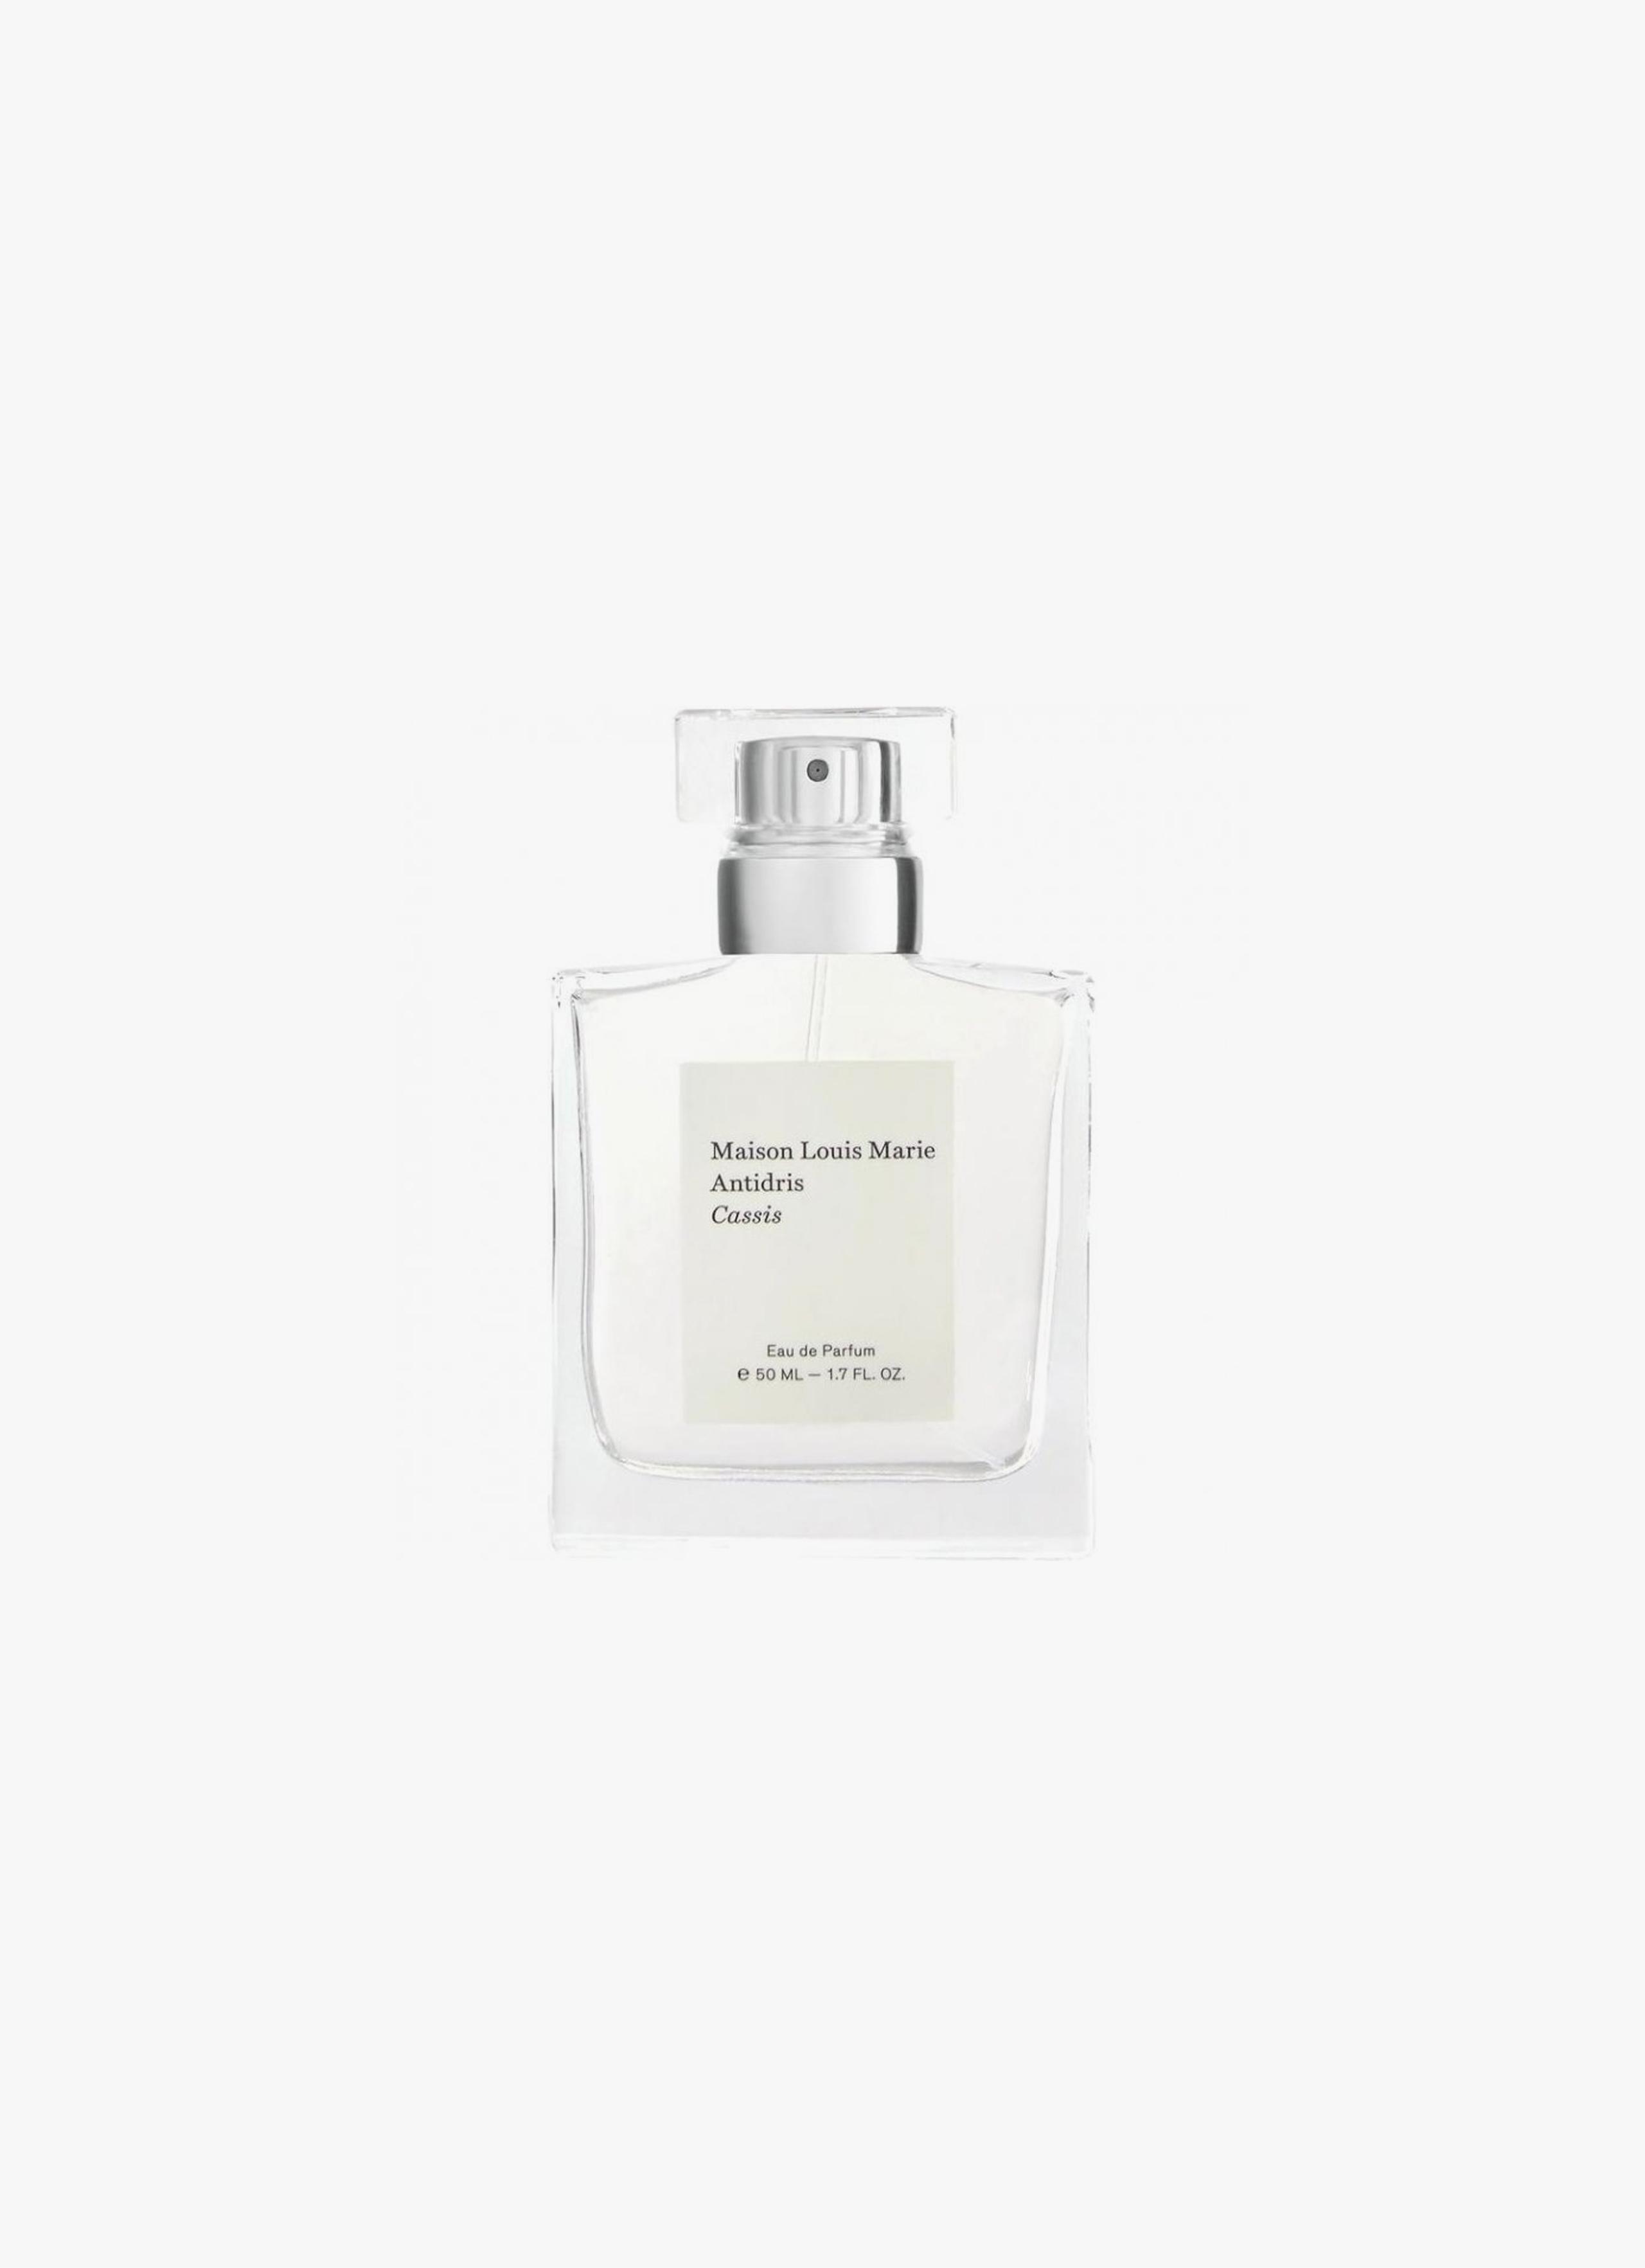 Maison Louis Marie - Antidris Cassis - Eau de Parfum